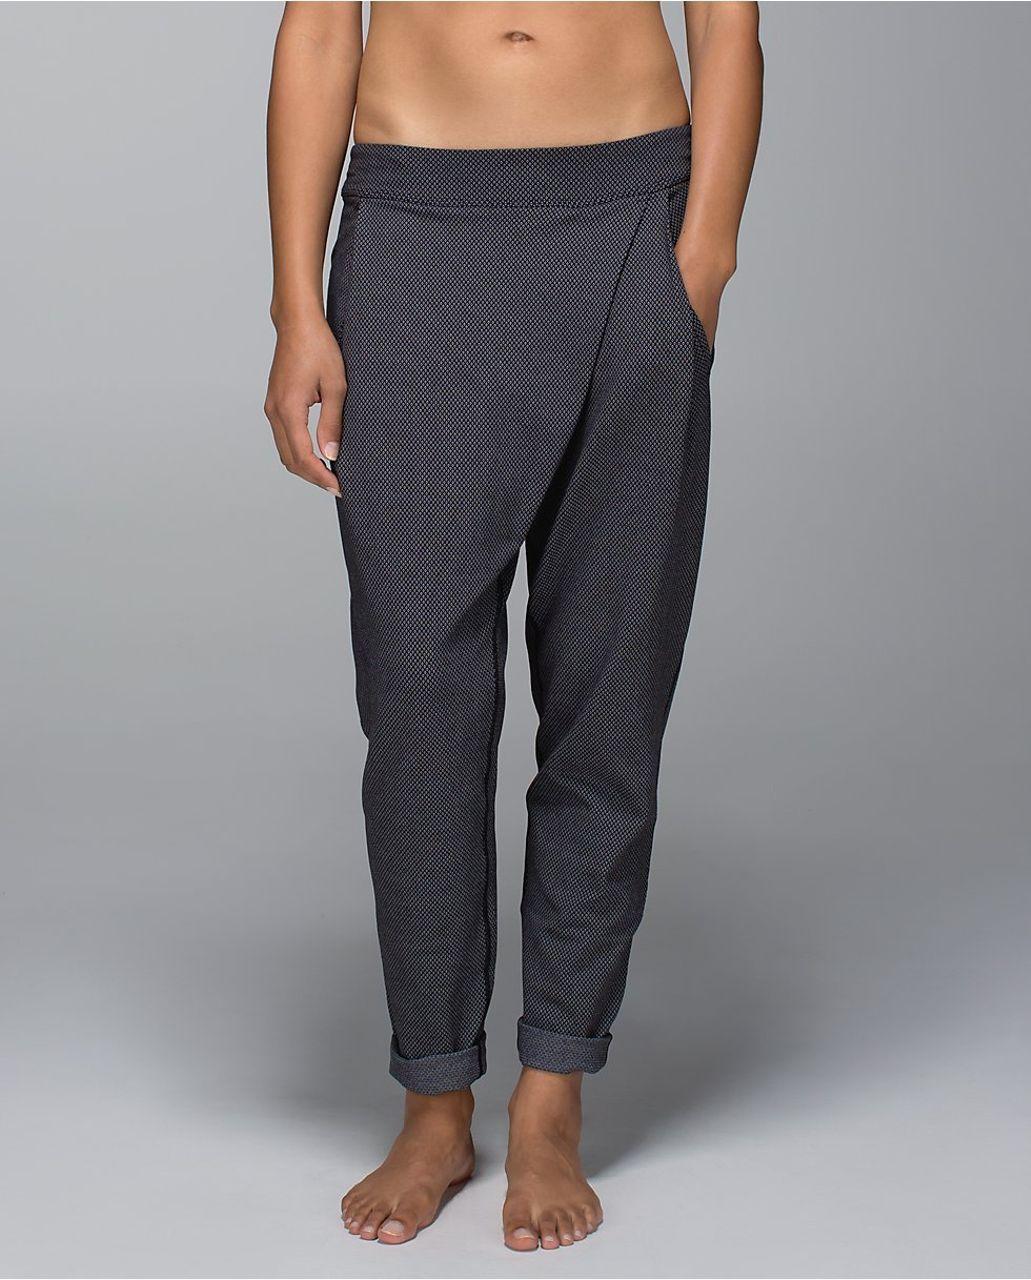 Lululemon Yogini Trouser Pant - Diamond Dot / Black